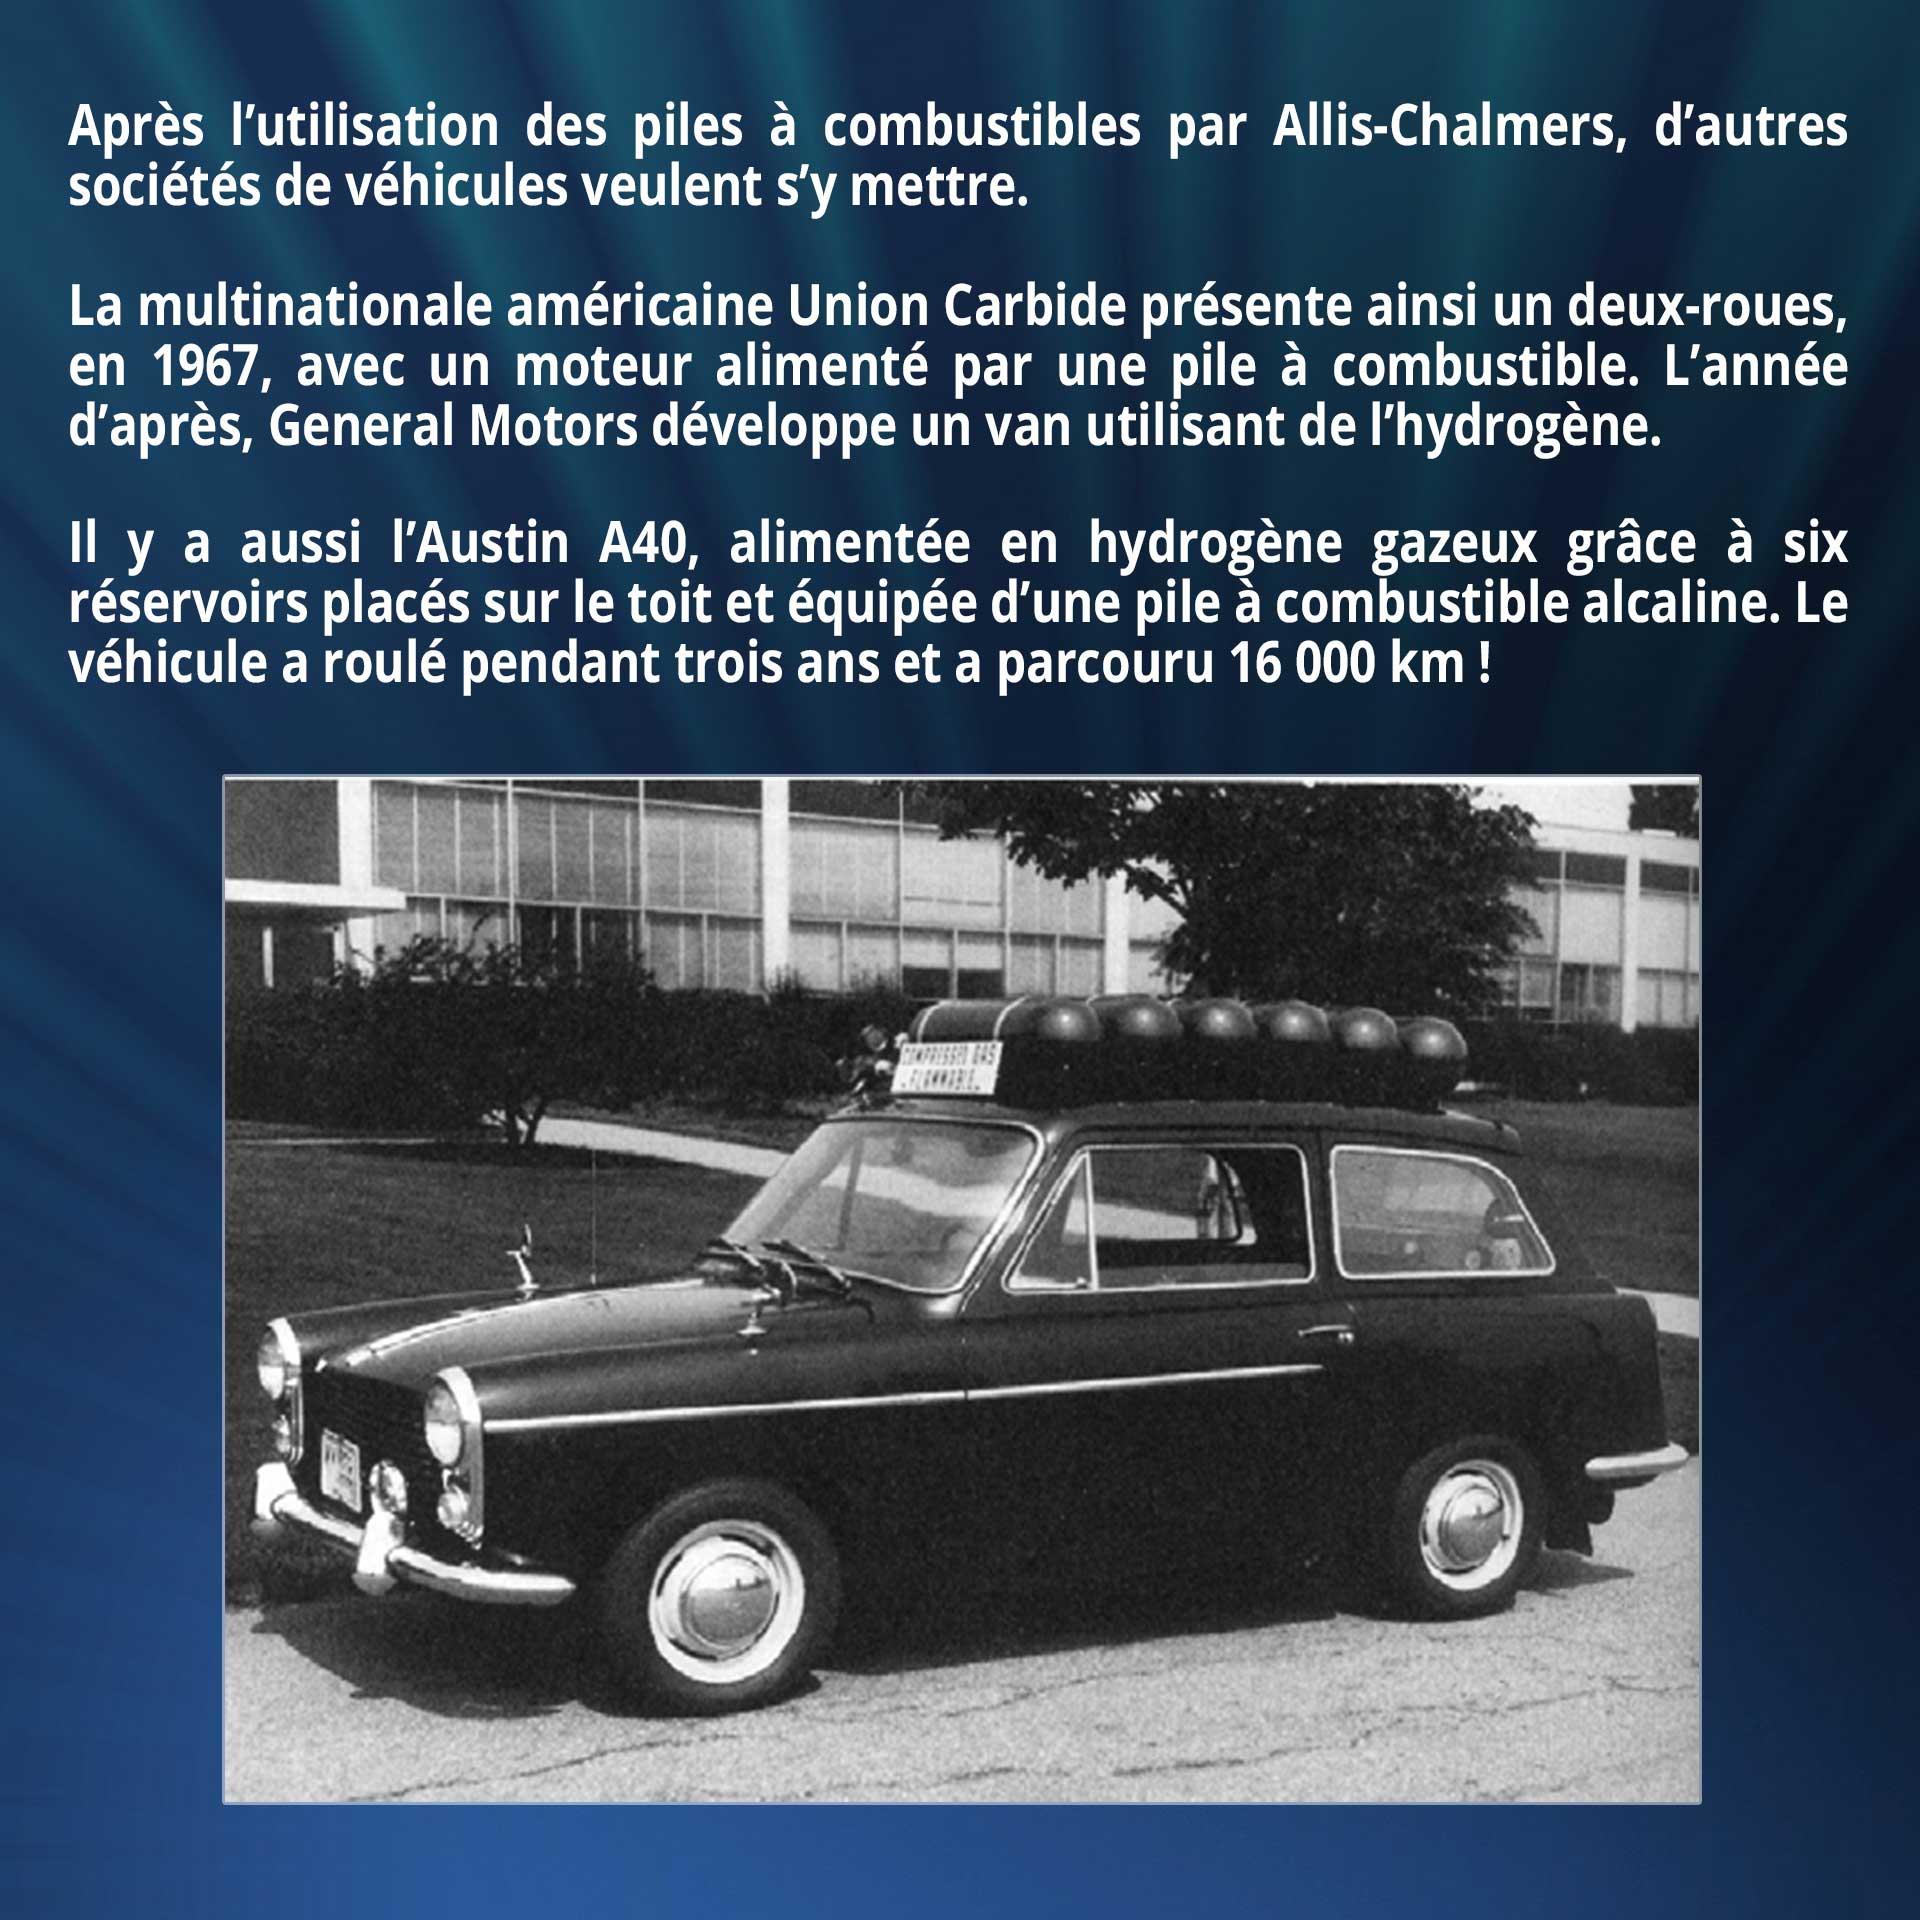 Après l'utilisation des piles à combustibles par Allis-Chalmers, d'autres sociétés de véhicules veulent s'y mettre. La multinationale américaine Union Carbide présente ainsi un deux-roues, en 1967, avec un moteur alimenté par une pile à combustible. L'année d'après, General Motors développe un van utilisant de l'hydrogène. Il y a aussi l'Austin A40, alimentée en hydrogène gazeux grâce à six réservoirs placés sur le toit et équipée d'une pile à combustible alcaline. Le véhicule a roulé pendant trois ans et a parcouru 16 000 km !